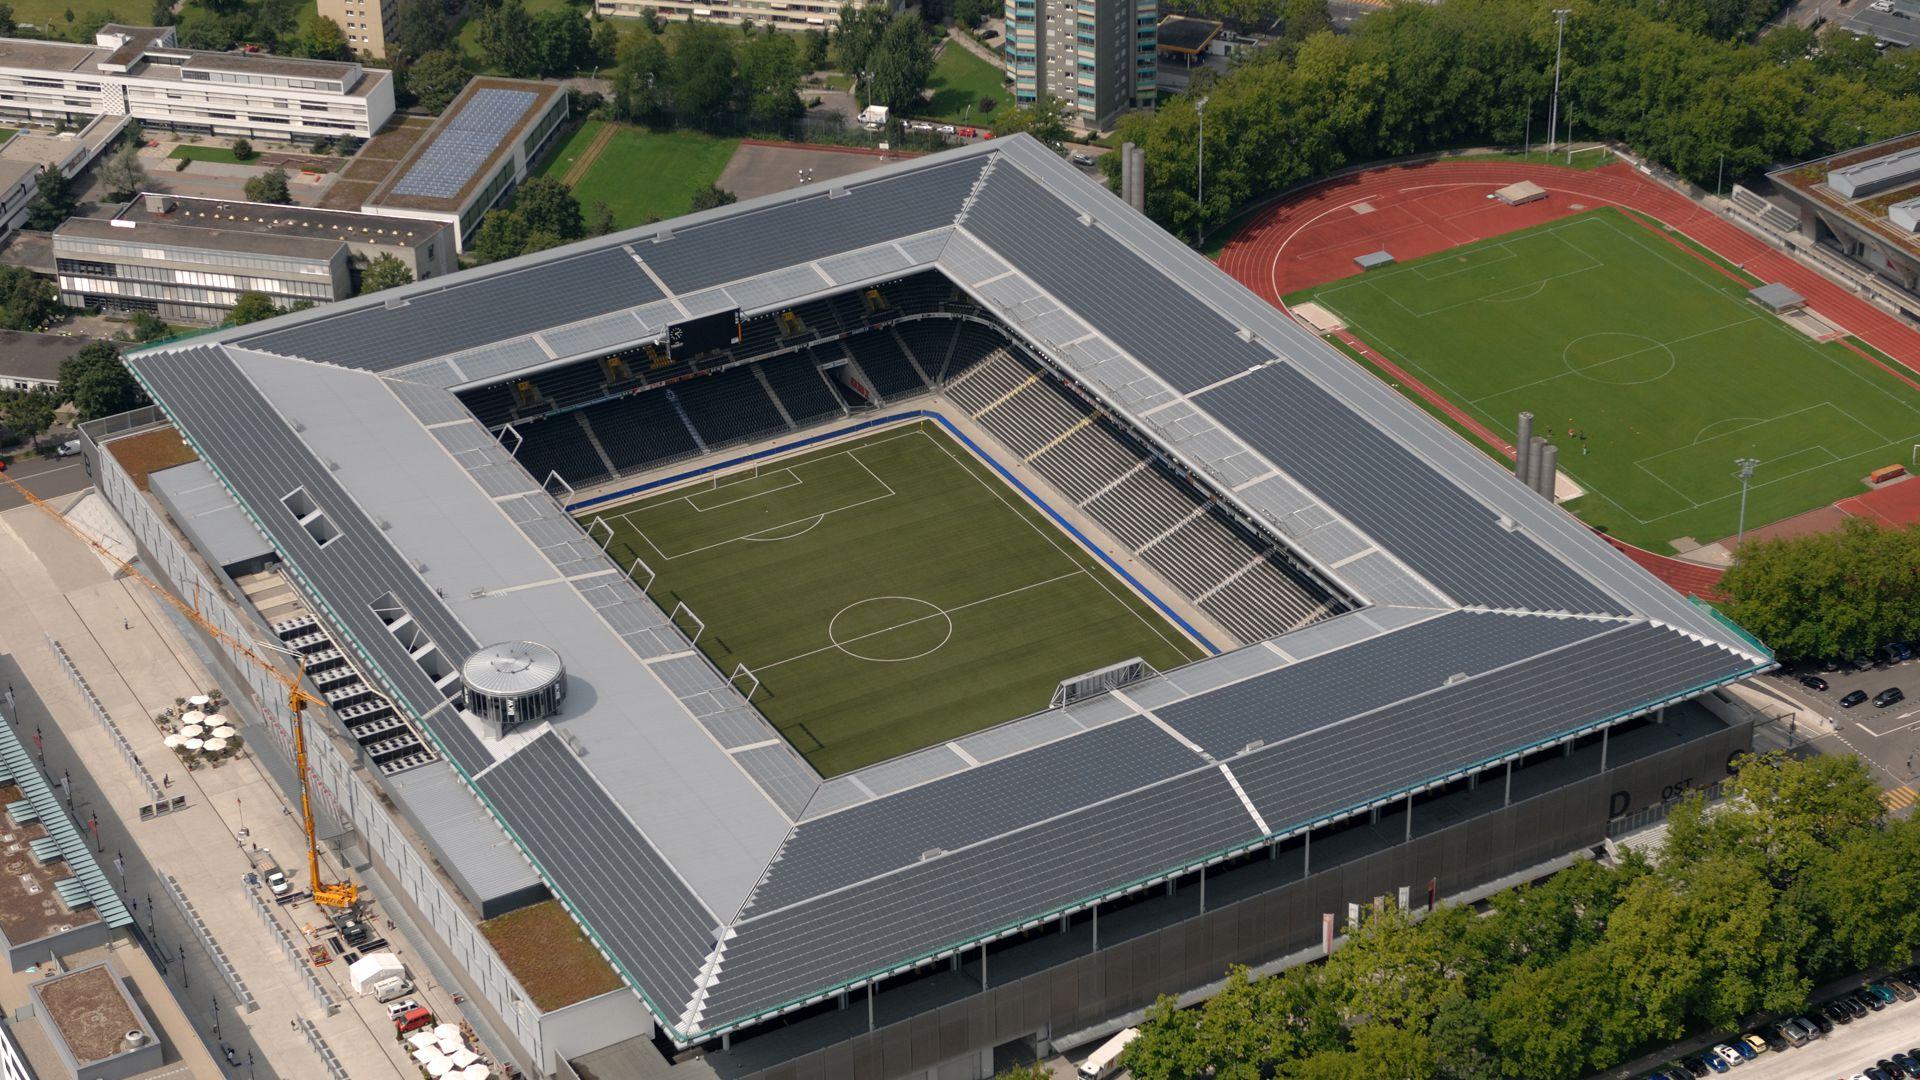 Stade de Suisse 2